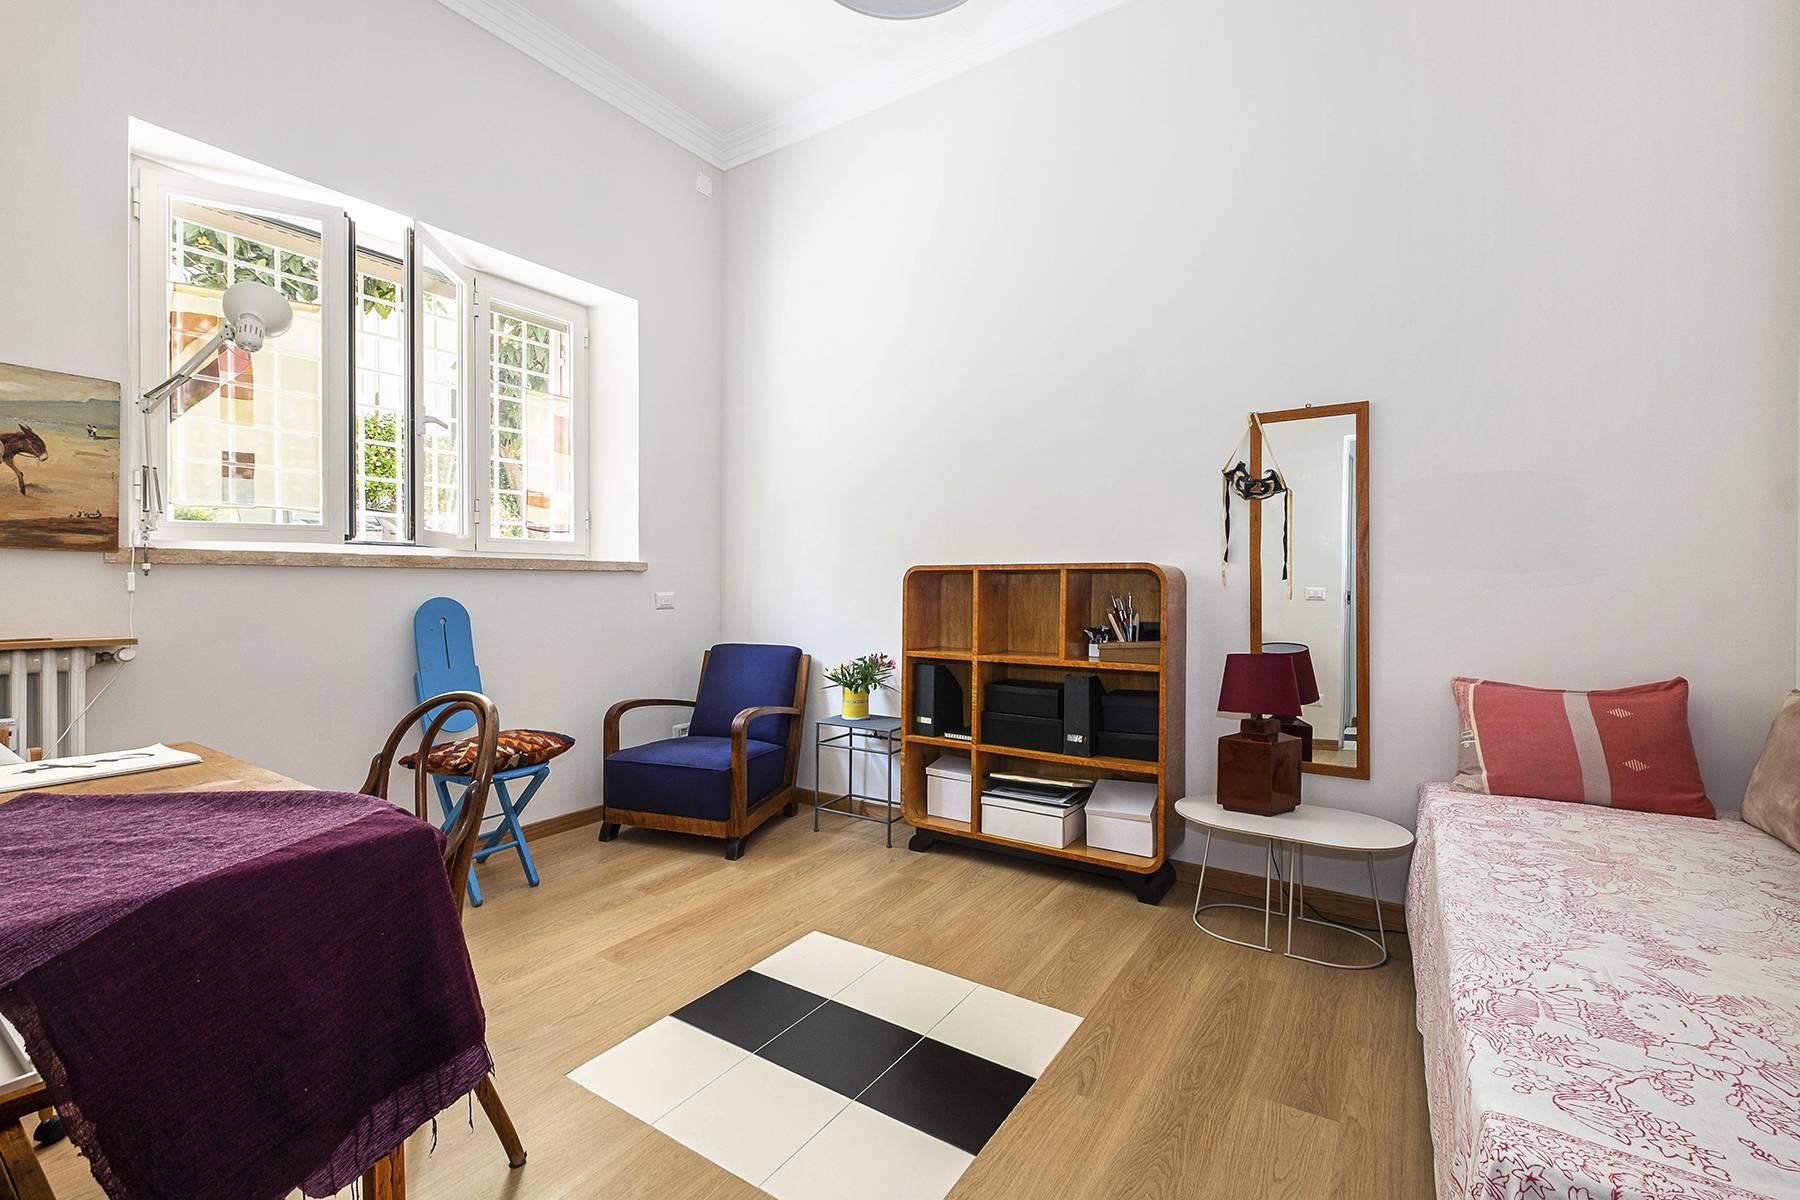 Appartamento in Vendita a Roma: 4 locali, 115 mq - Foto 12